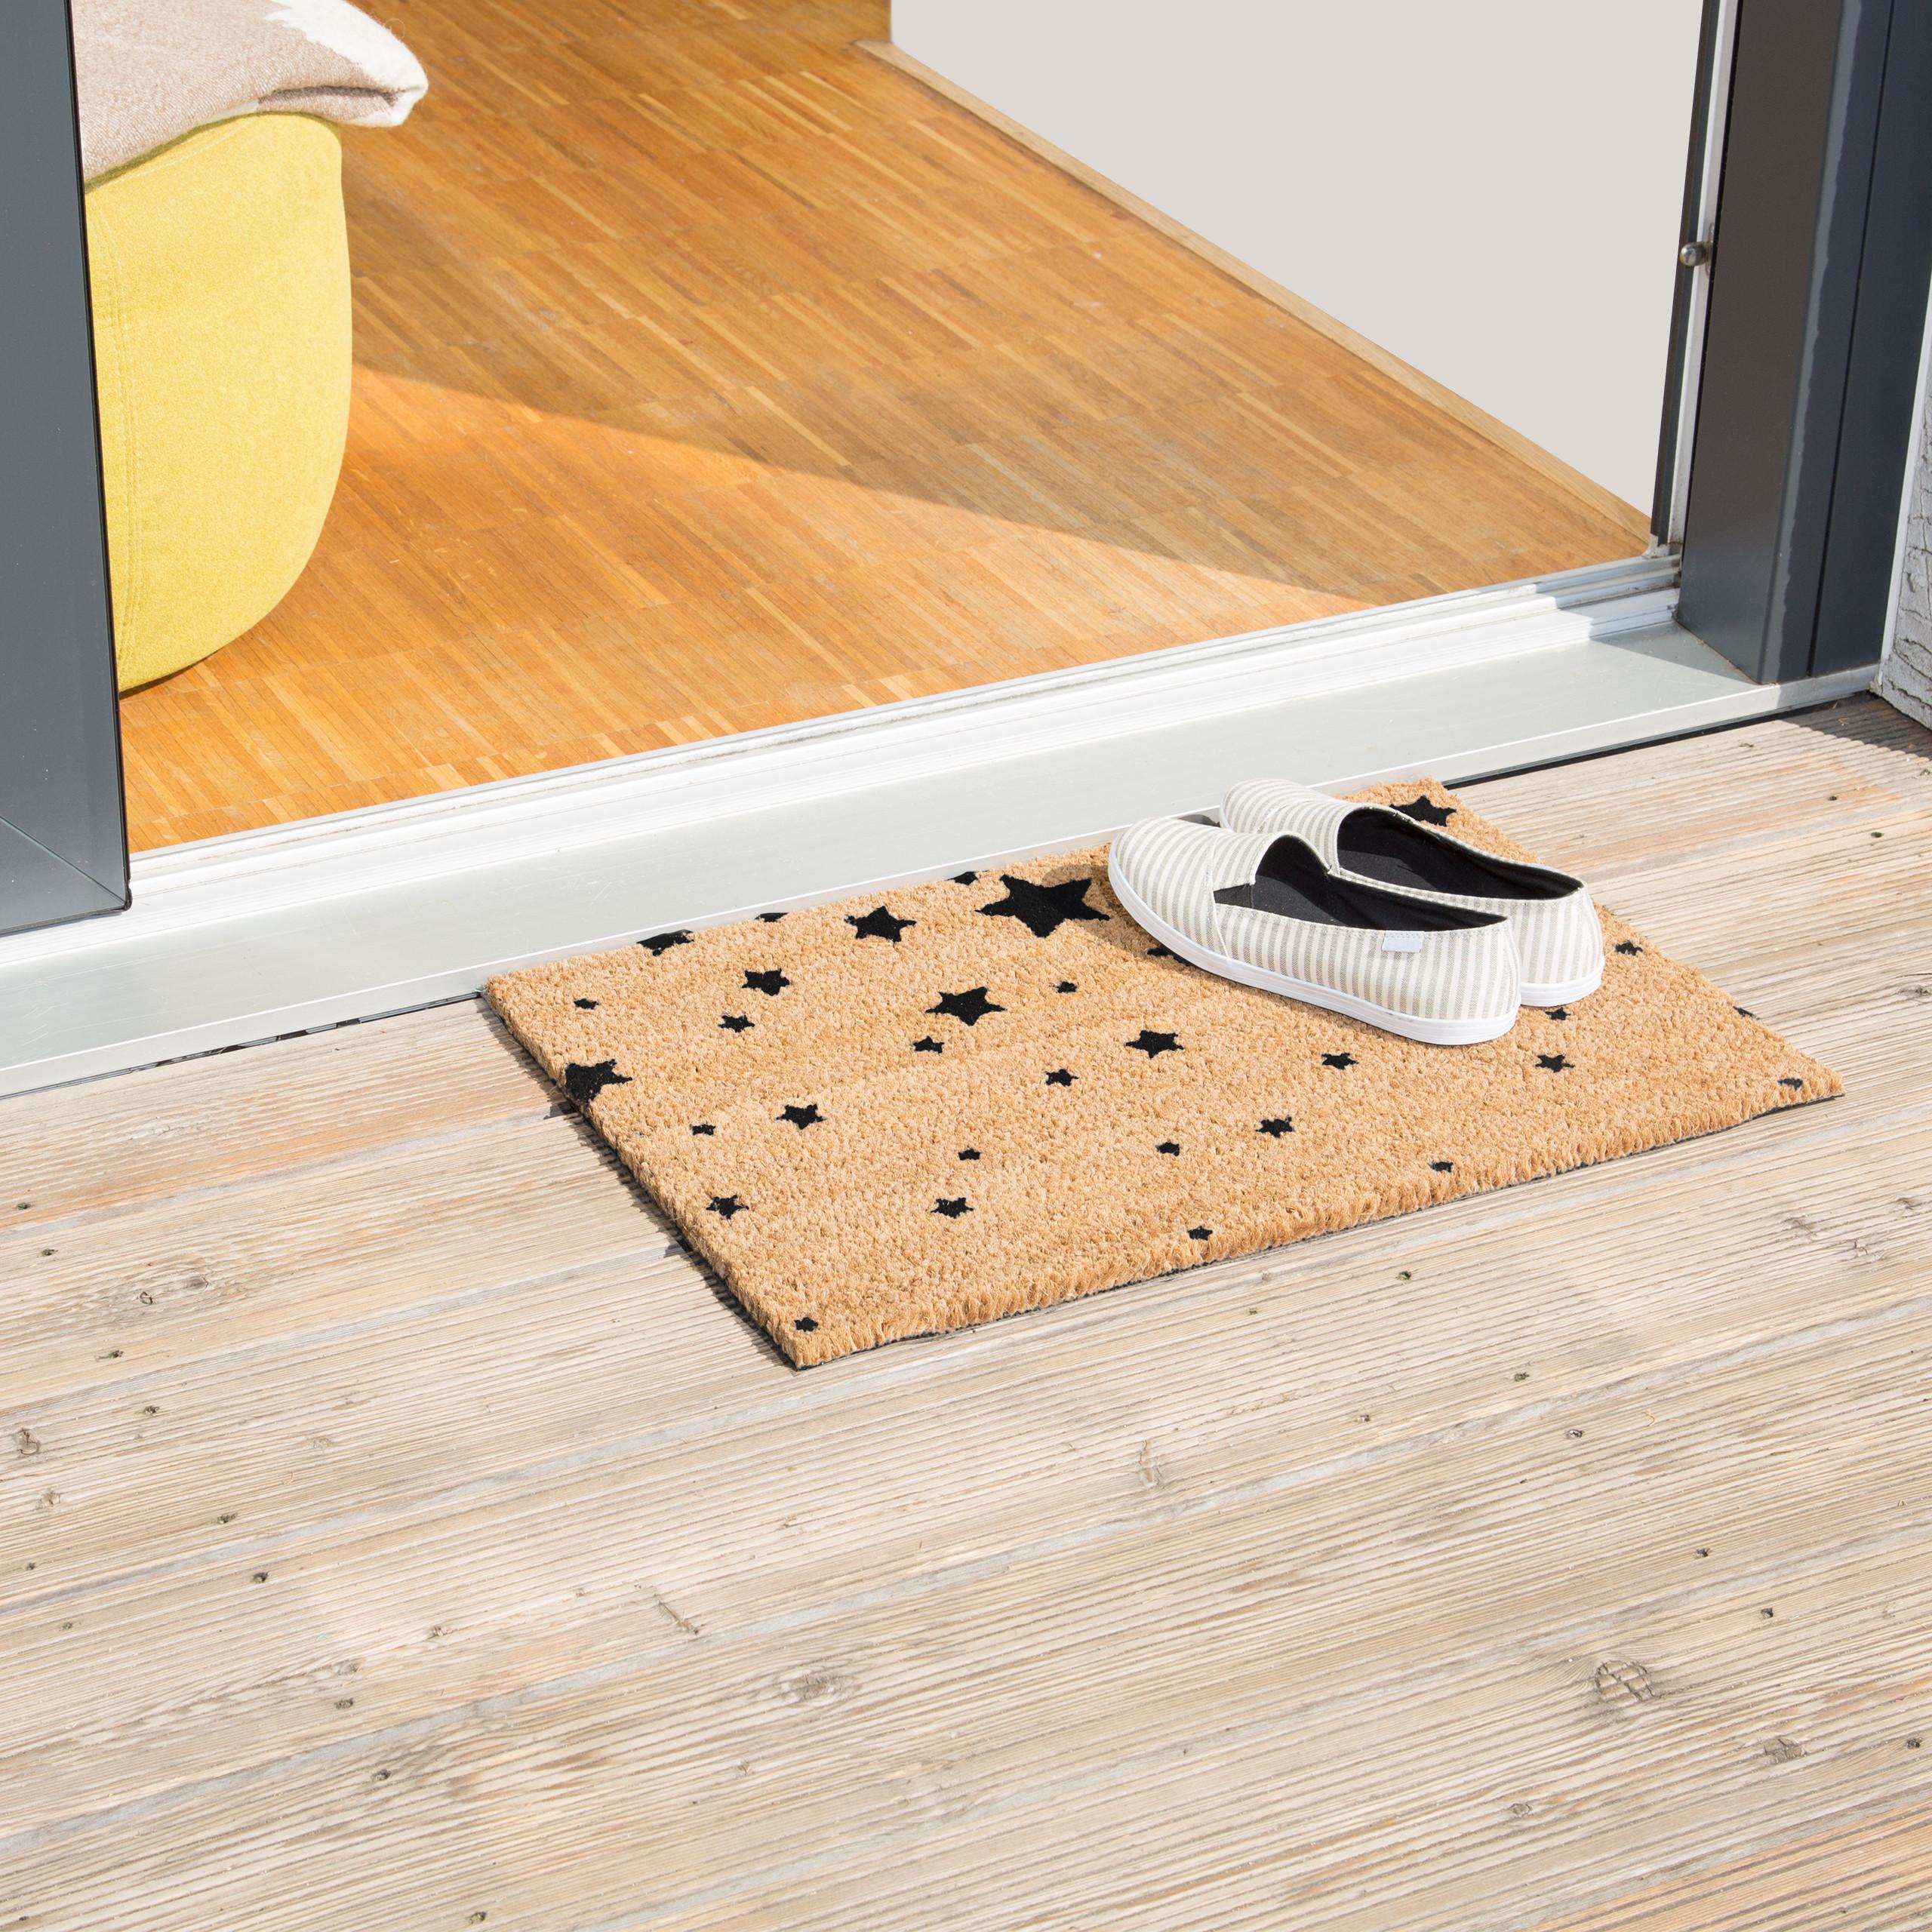 Indexbild 3 - Fußmatte Kokos Kokosmatte 60x40 STERNE Fußabtreter Schmutzmatte Türmatte natur